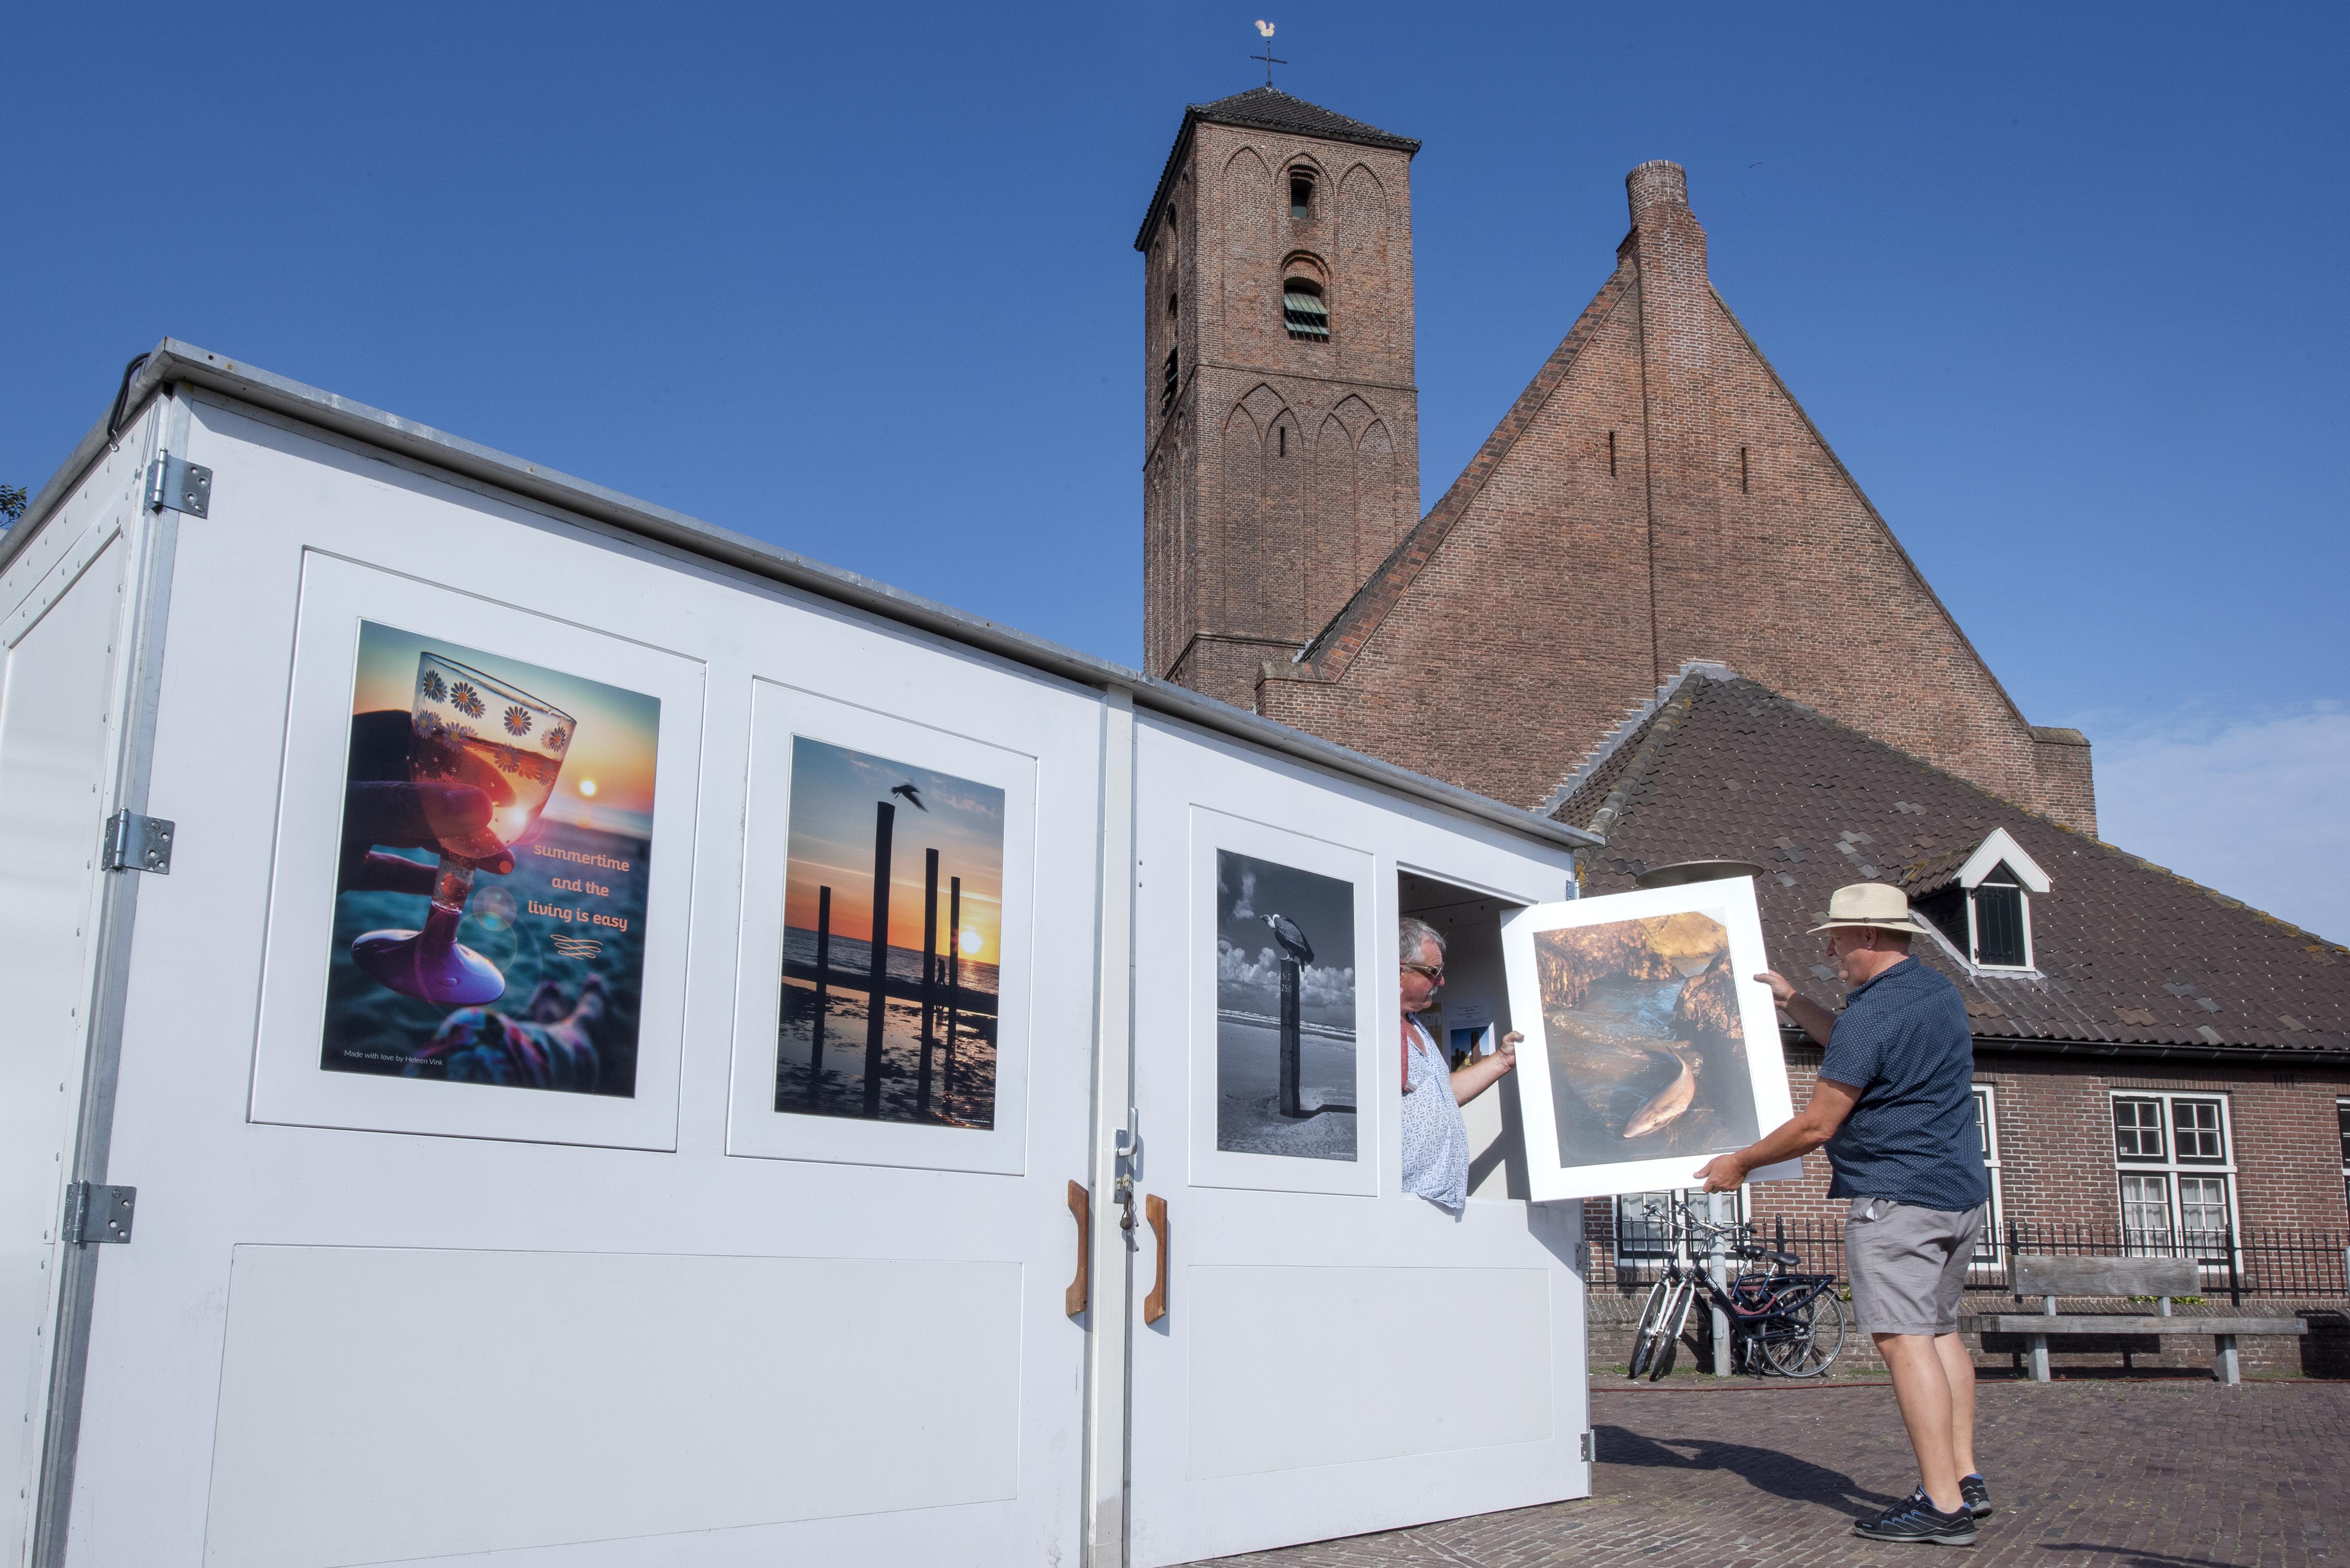 Vishandelaar Bob Vos begint een kunstveiling op zijn kraam in Wijk aan Zee